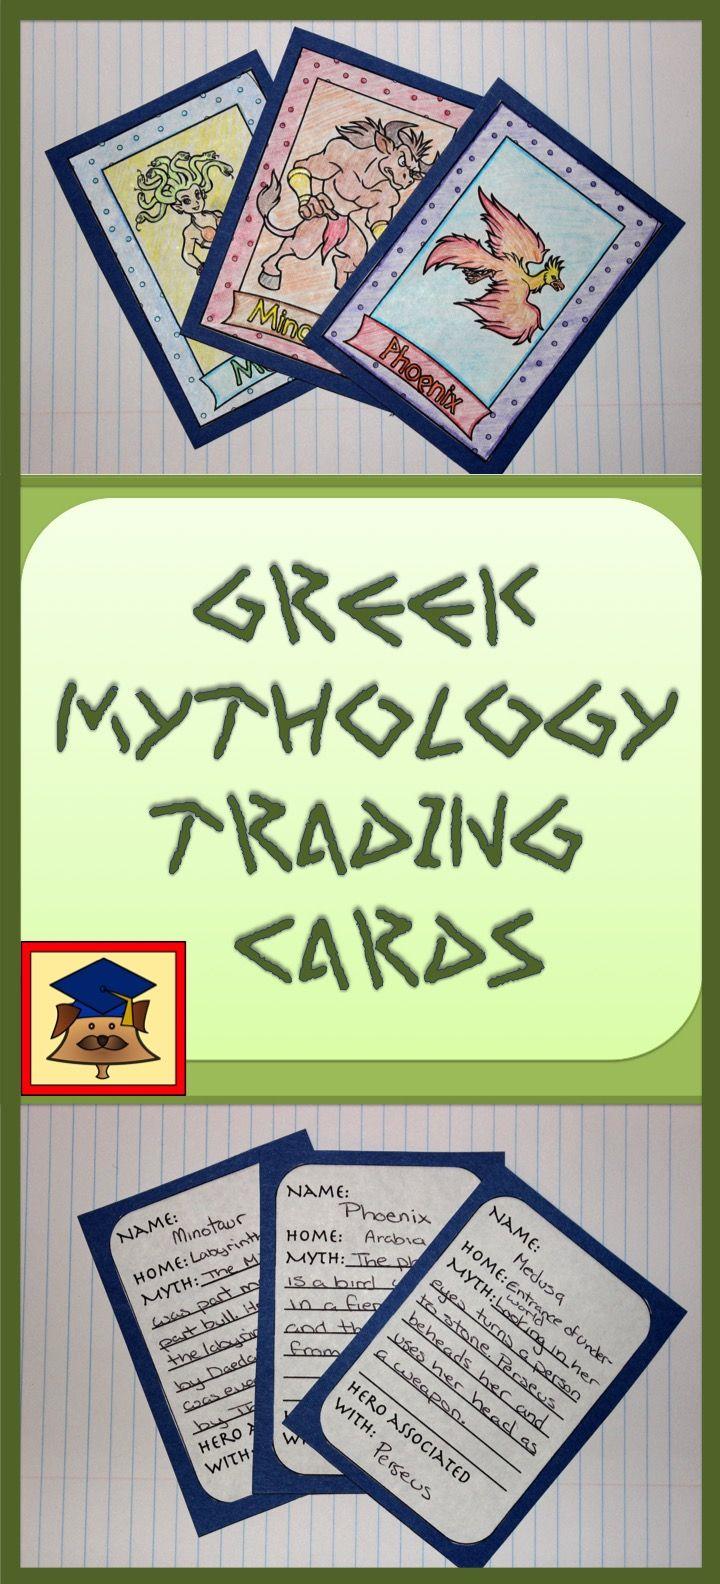 Greek Mythological Creatures Trading Cards Greek Mythology Lessons Greek Mythological Creatures Greek Mythology